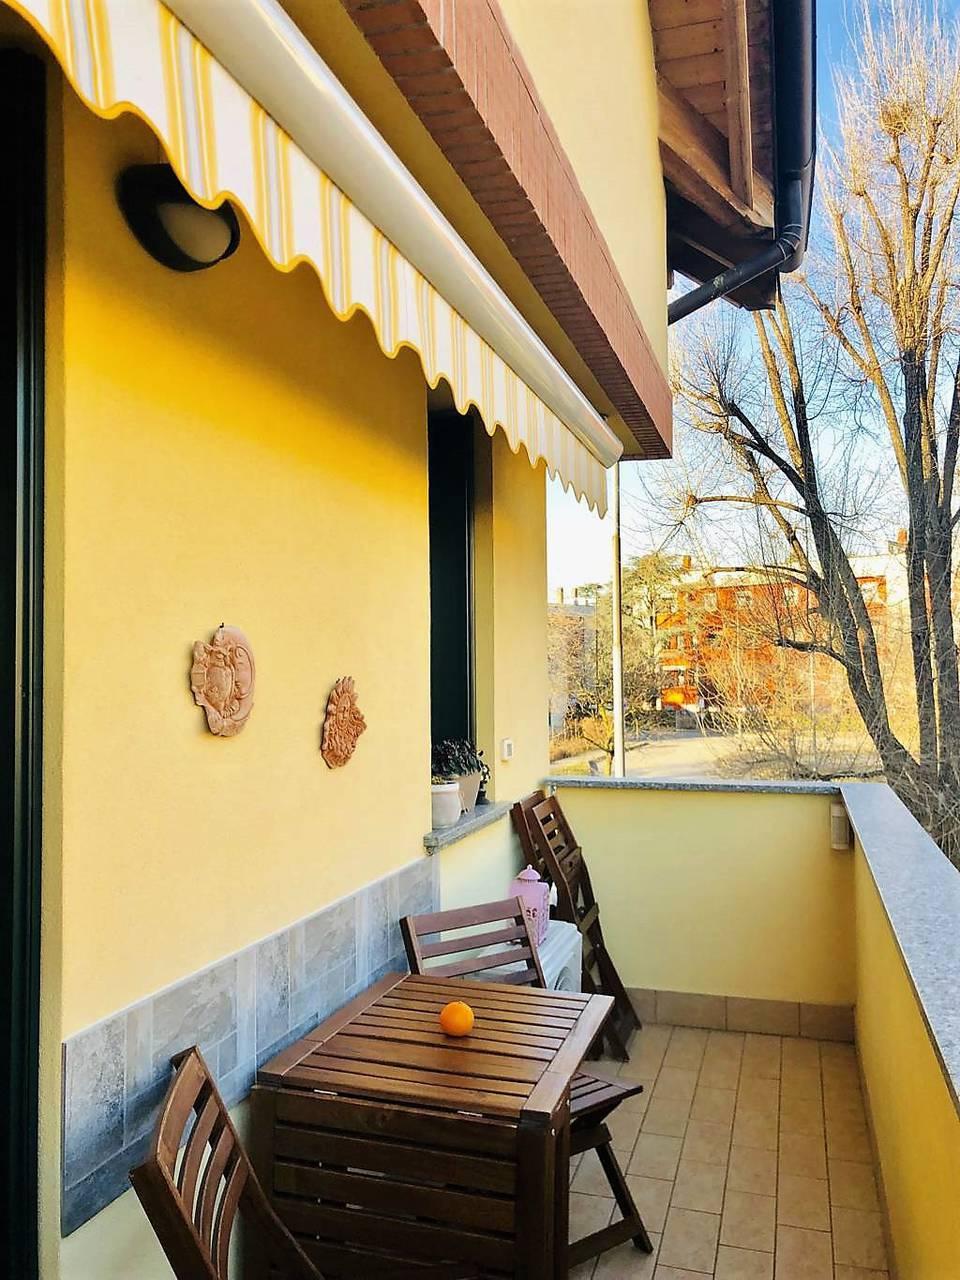 Appartamento-4-locali-con-giardino-in-vendita-a-Carnate-14